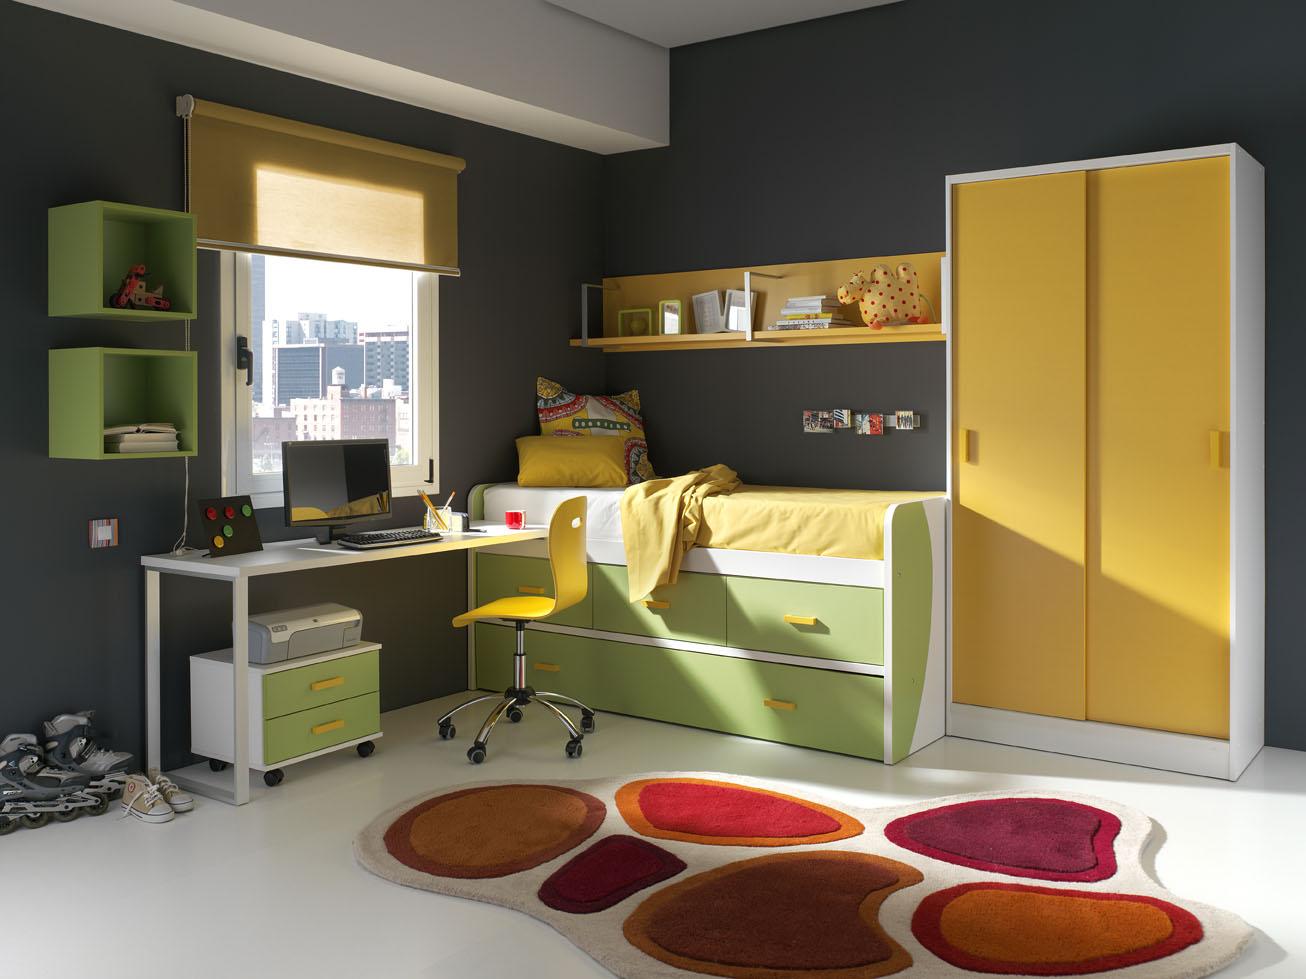 El dormitorio un lugar para so ar muebles orts blog for Muebles orts